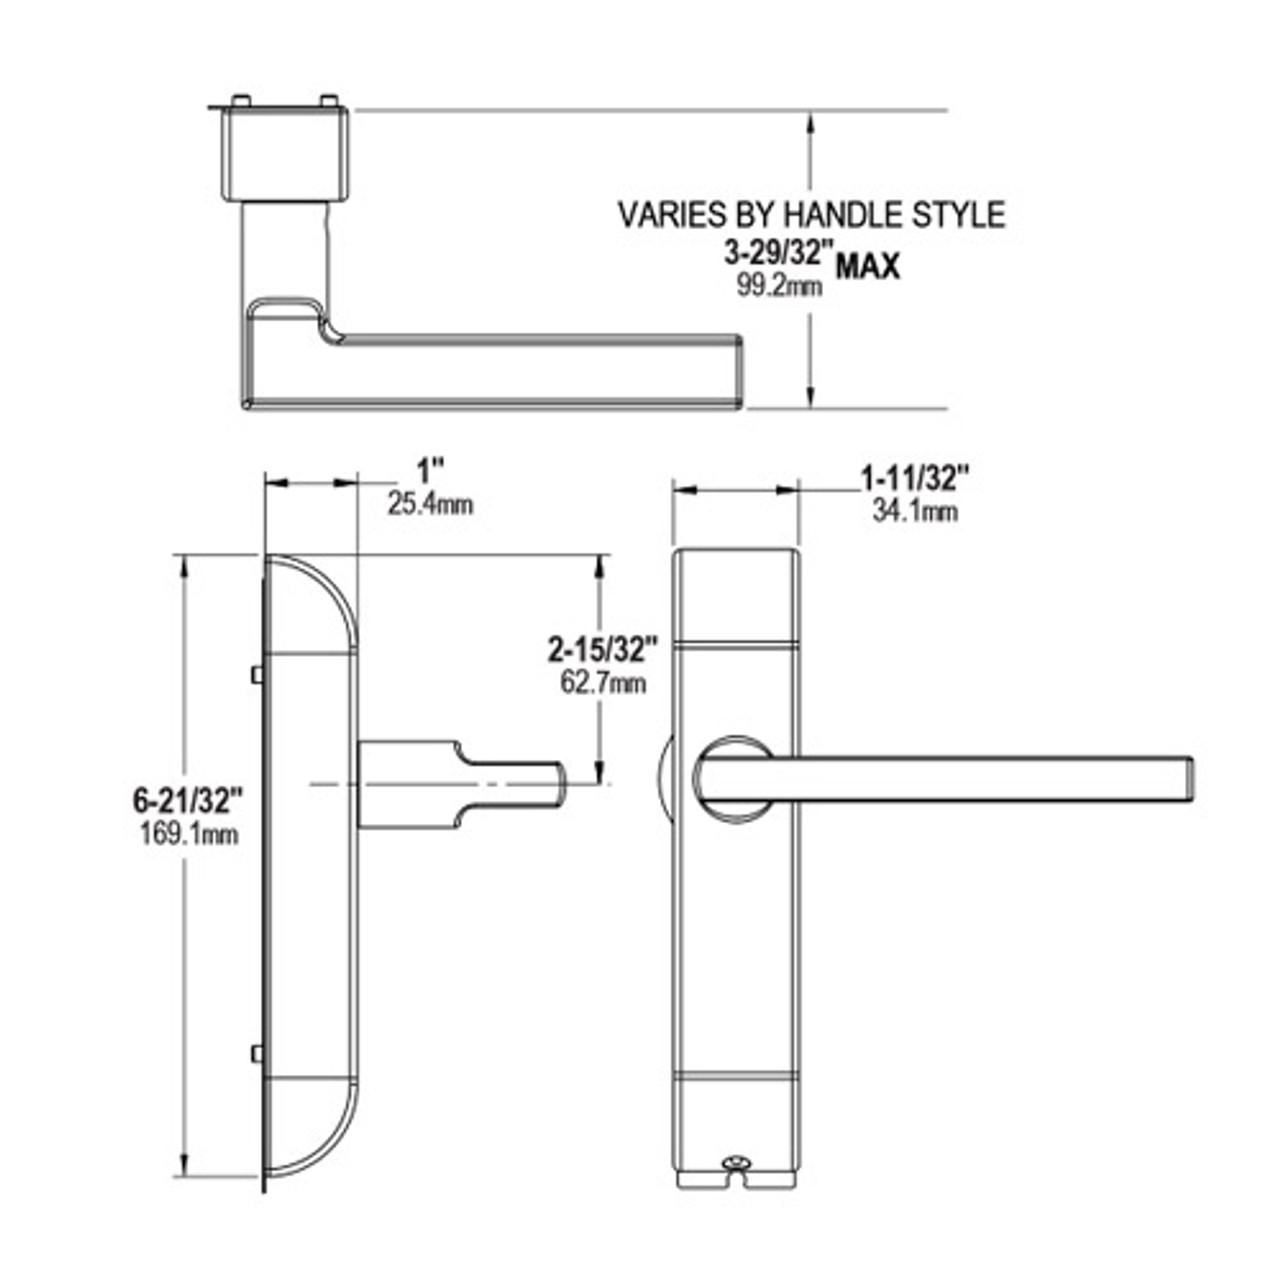 4600M-MJ-612-US10B Adams Rite MJ Designer handle Dimensional View